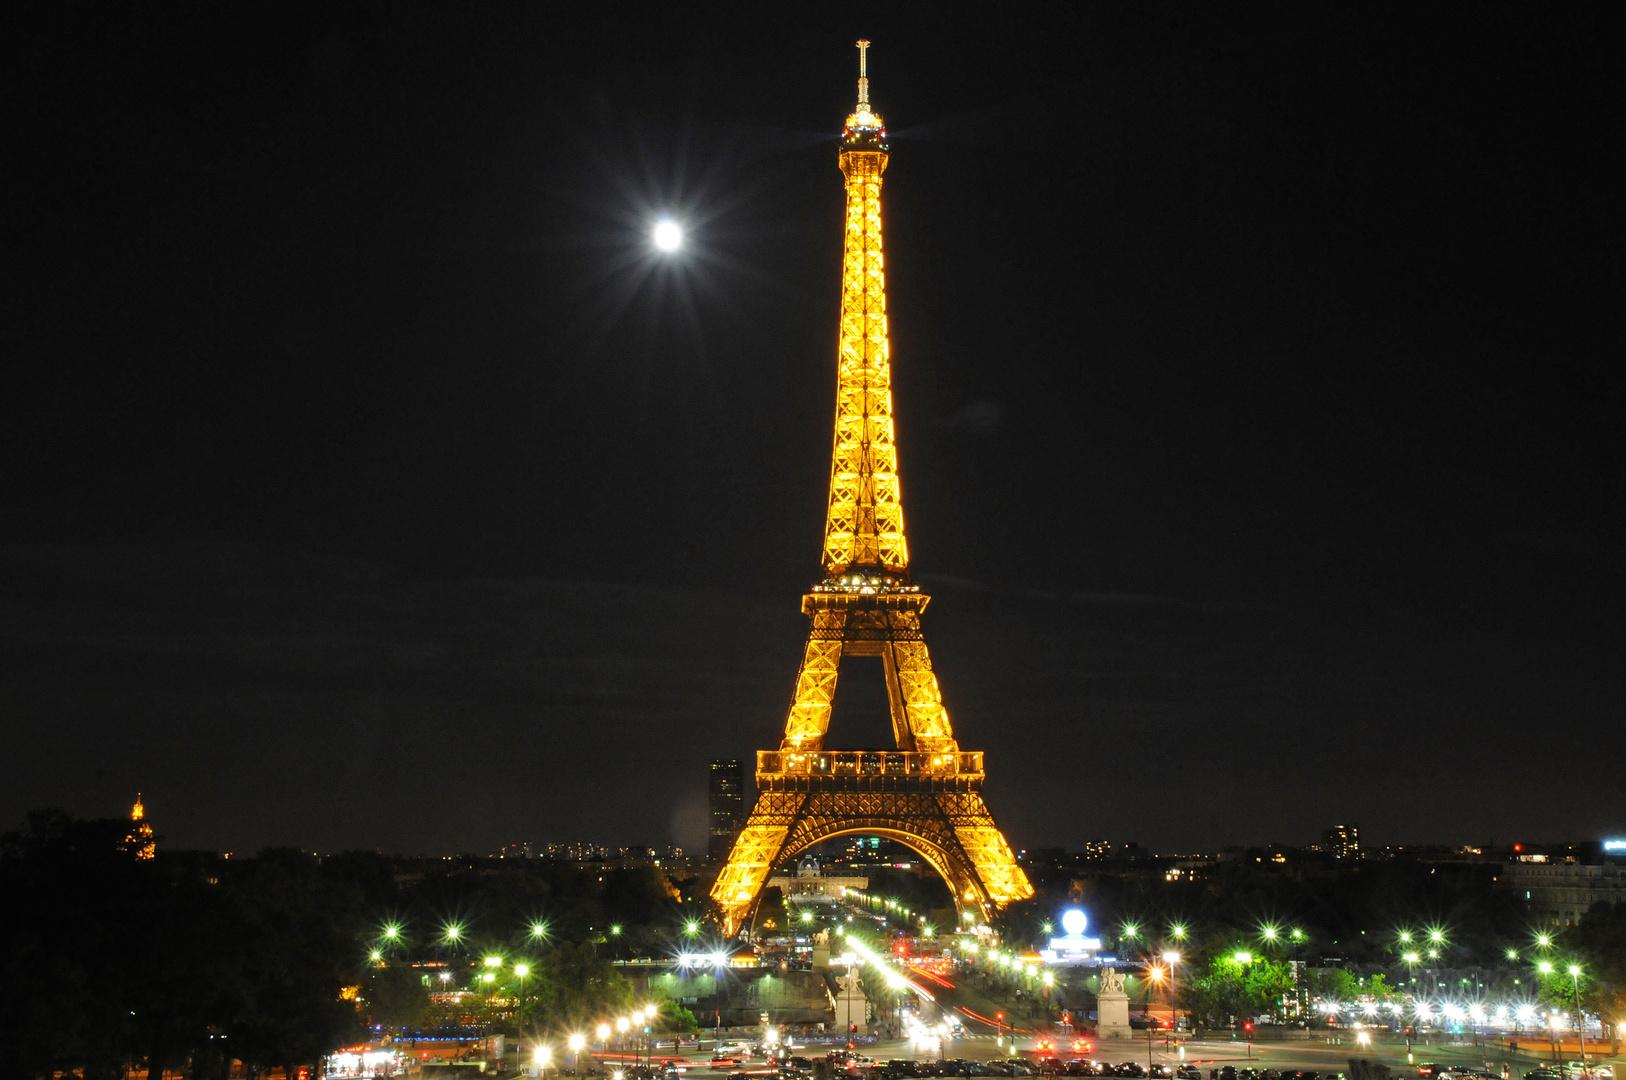 eiffelturm bei nacht ohne stativ foto bild europe france paris bilder auf fotocommunity. Black Bedroom Furniture Sets. Home Design Ideas